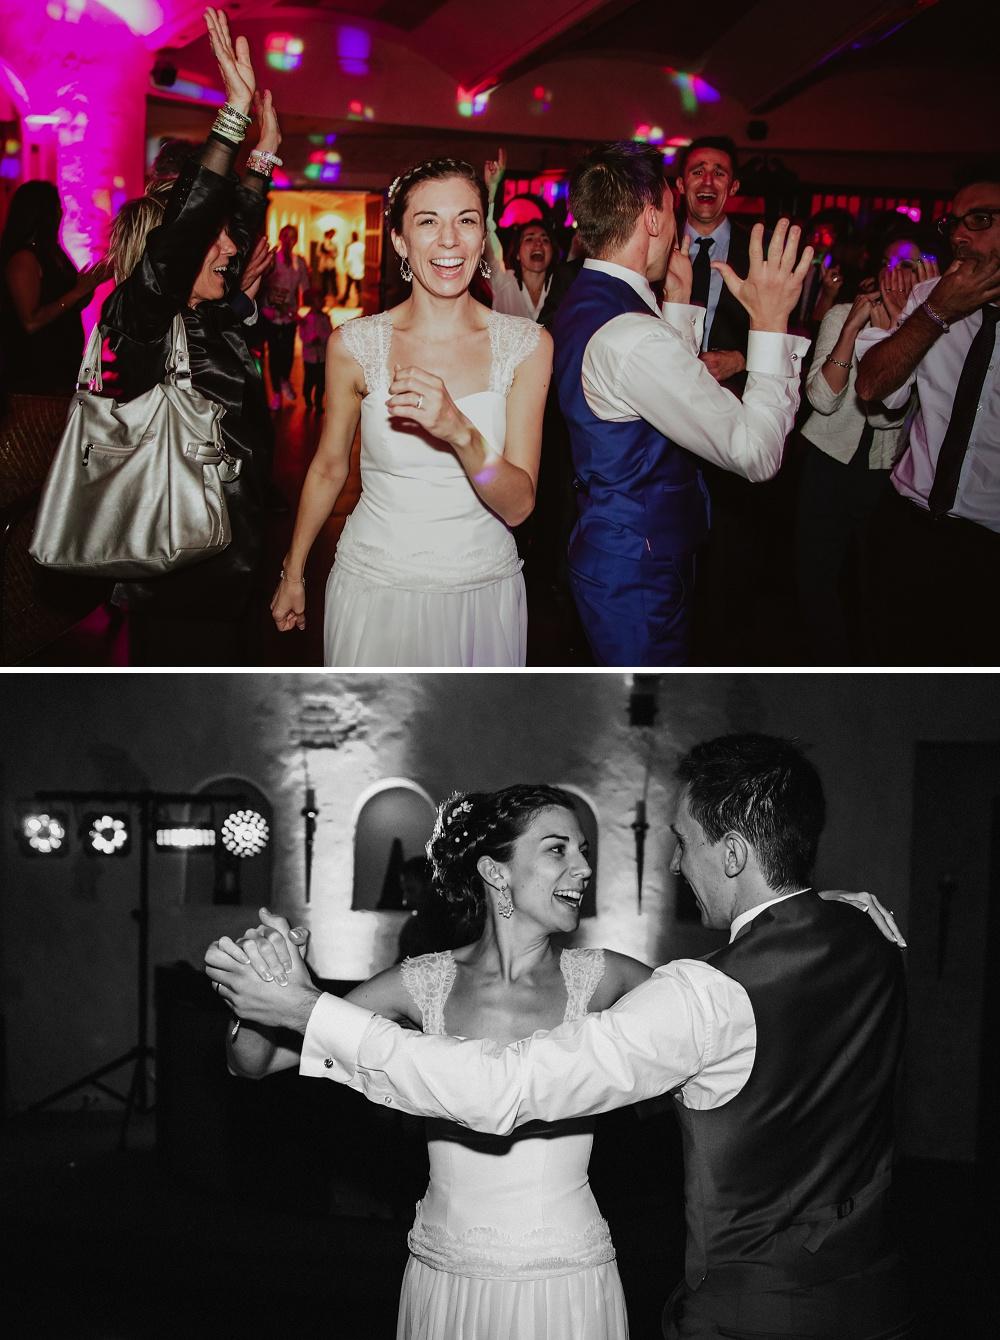 mariage-allemagne-molino-19.jpg